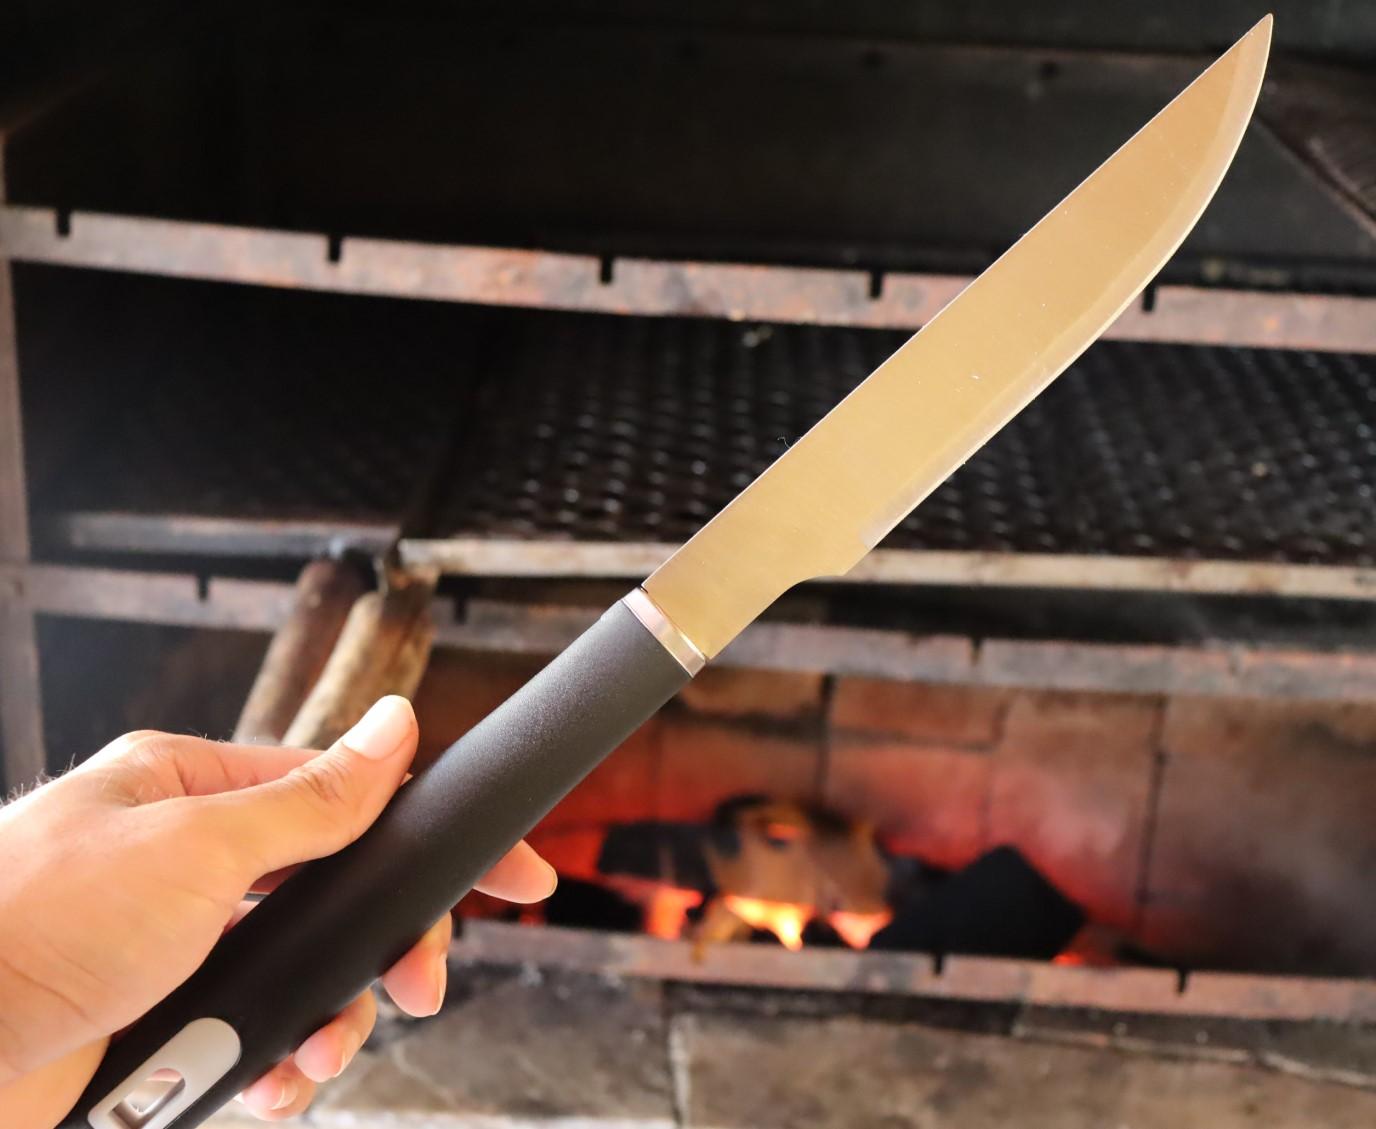 Faca para carne churrasco picanheira cozinha chef de aço inox premium preta 38cm